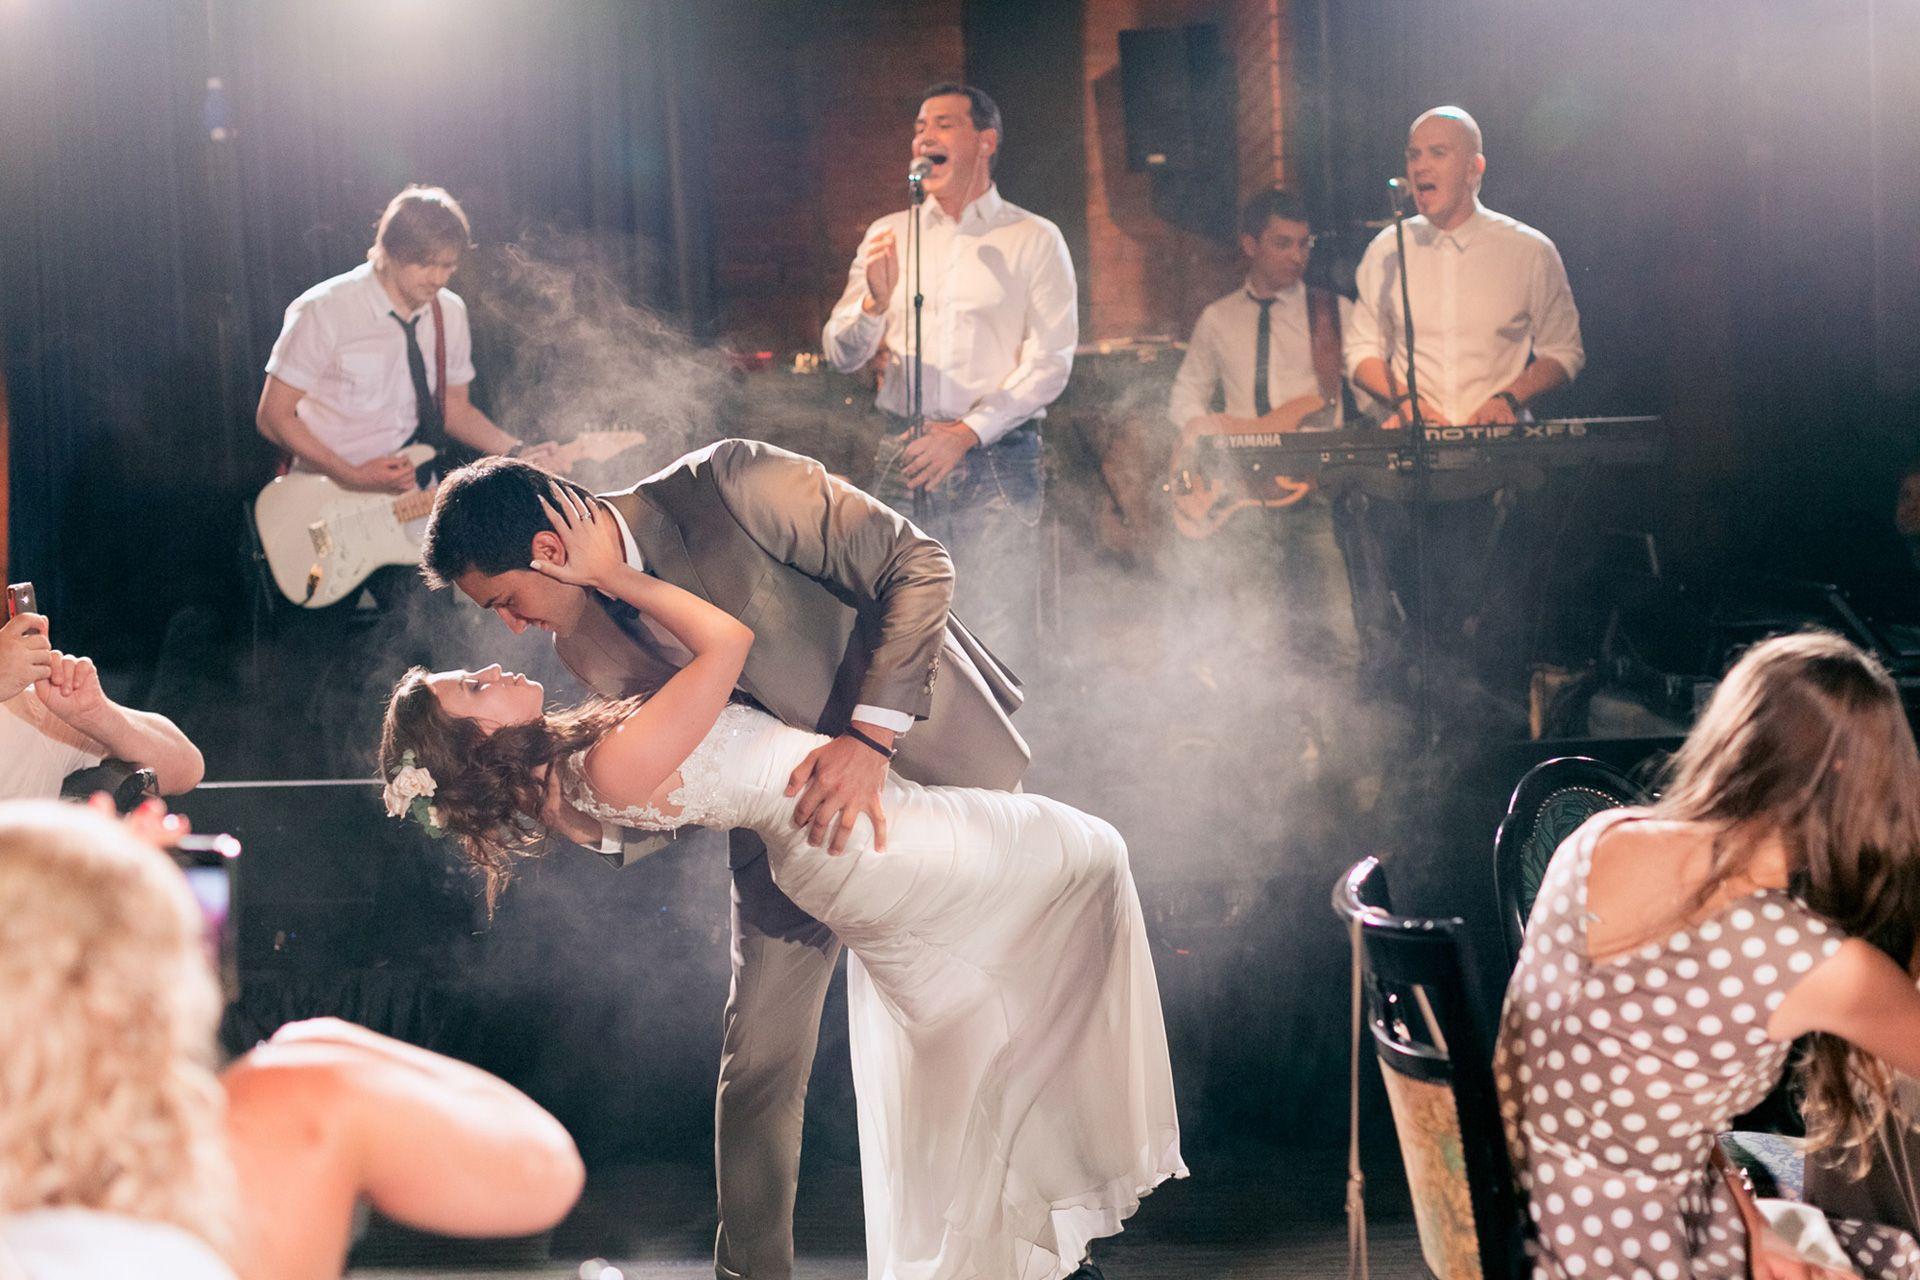 Организатор Варвара Перегудова: световое оборудование на свадьбе фото 12